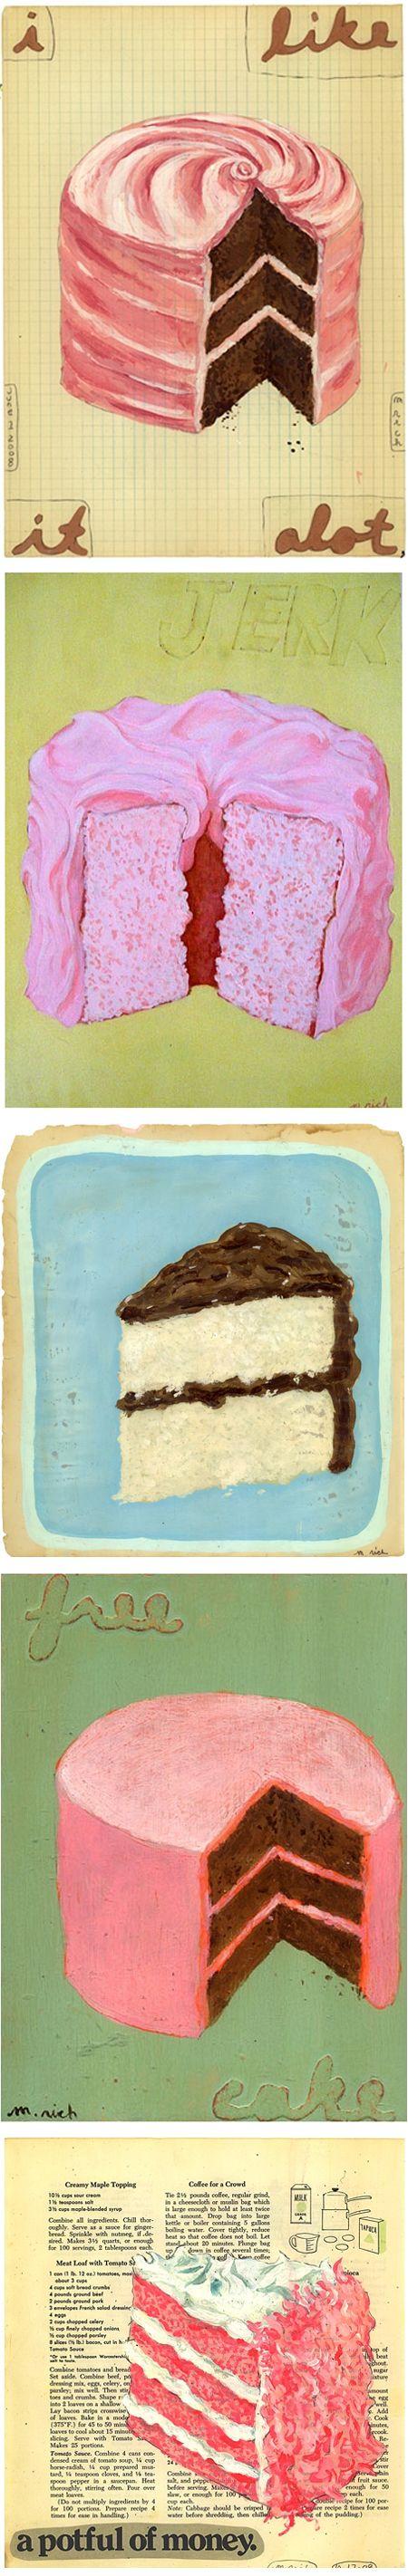 martha rich... CAKE!